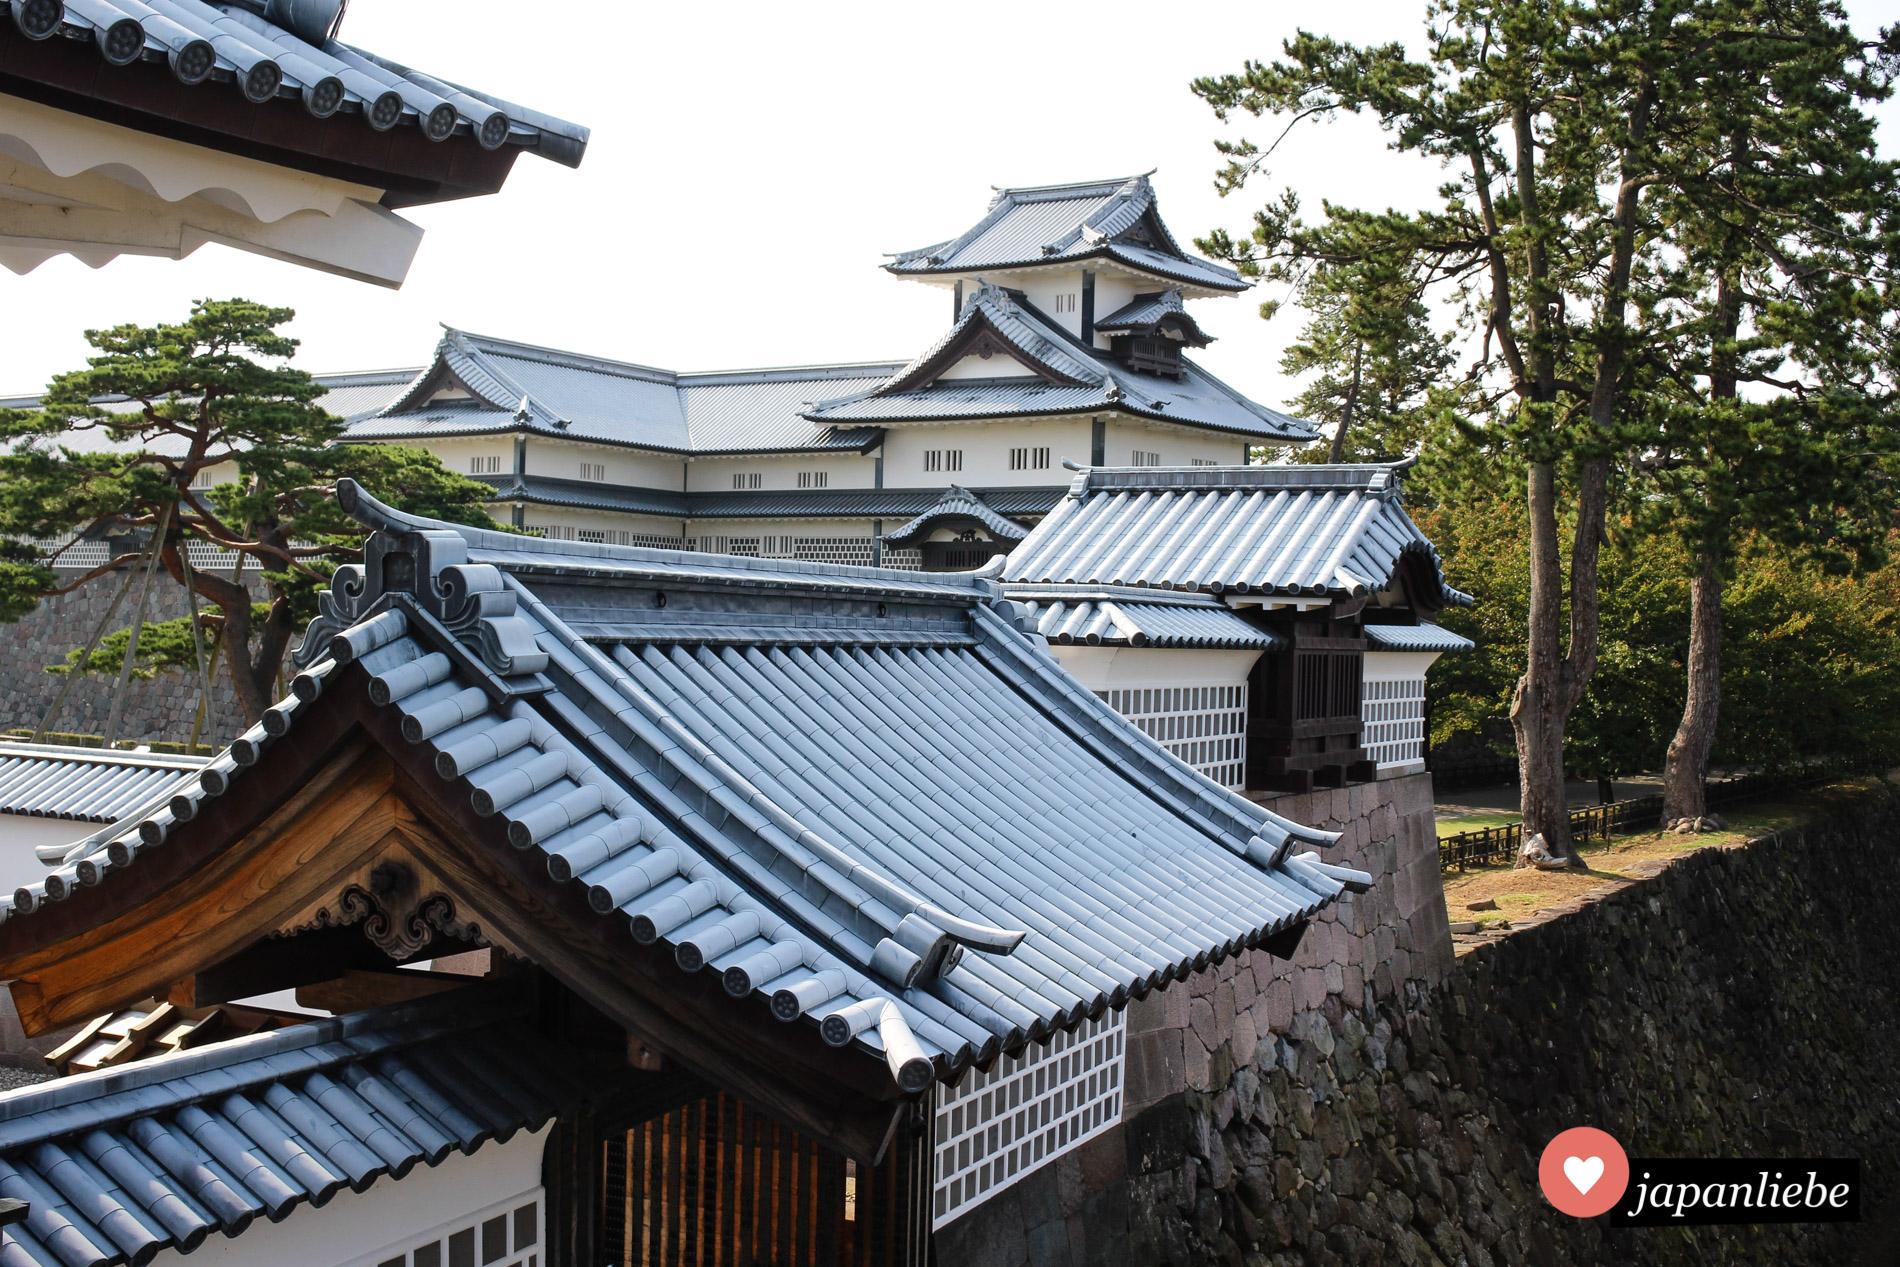 Beim Wiederaufbau der Burg Kanazawa wird mit traditionellen Handwerkstechniken gearbeitet. Das Ergebnis kann sich sehen lassen.